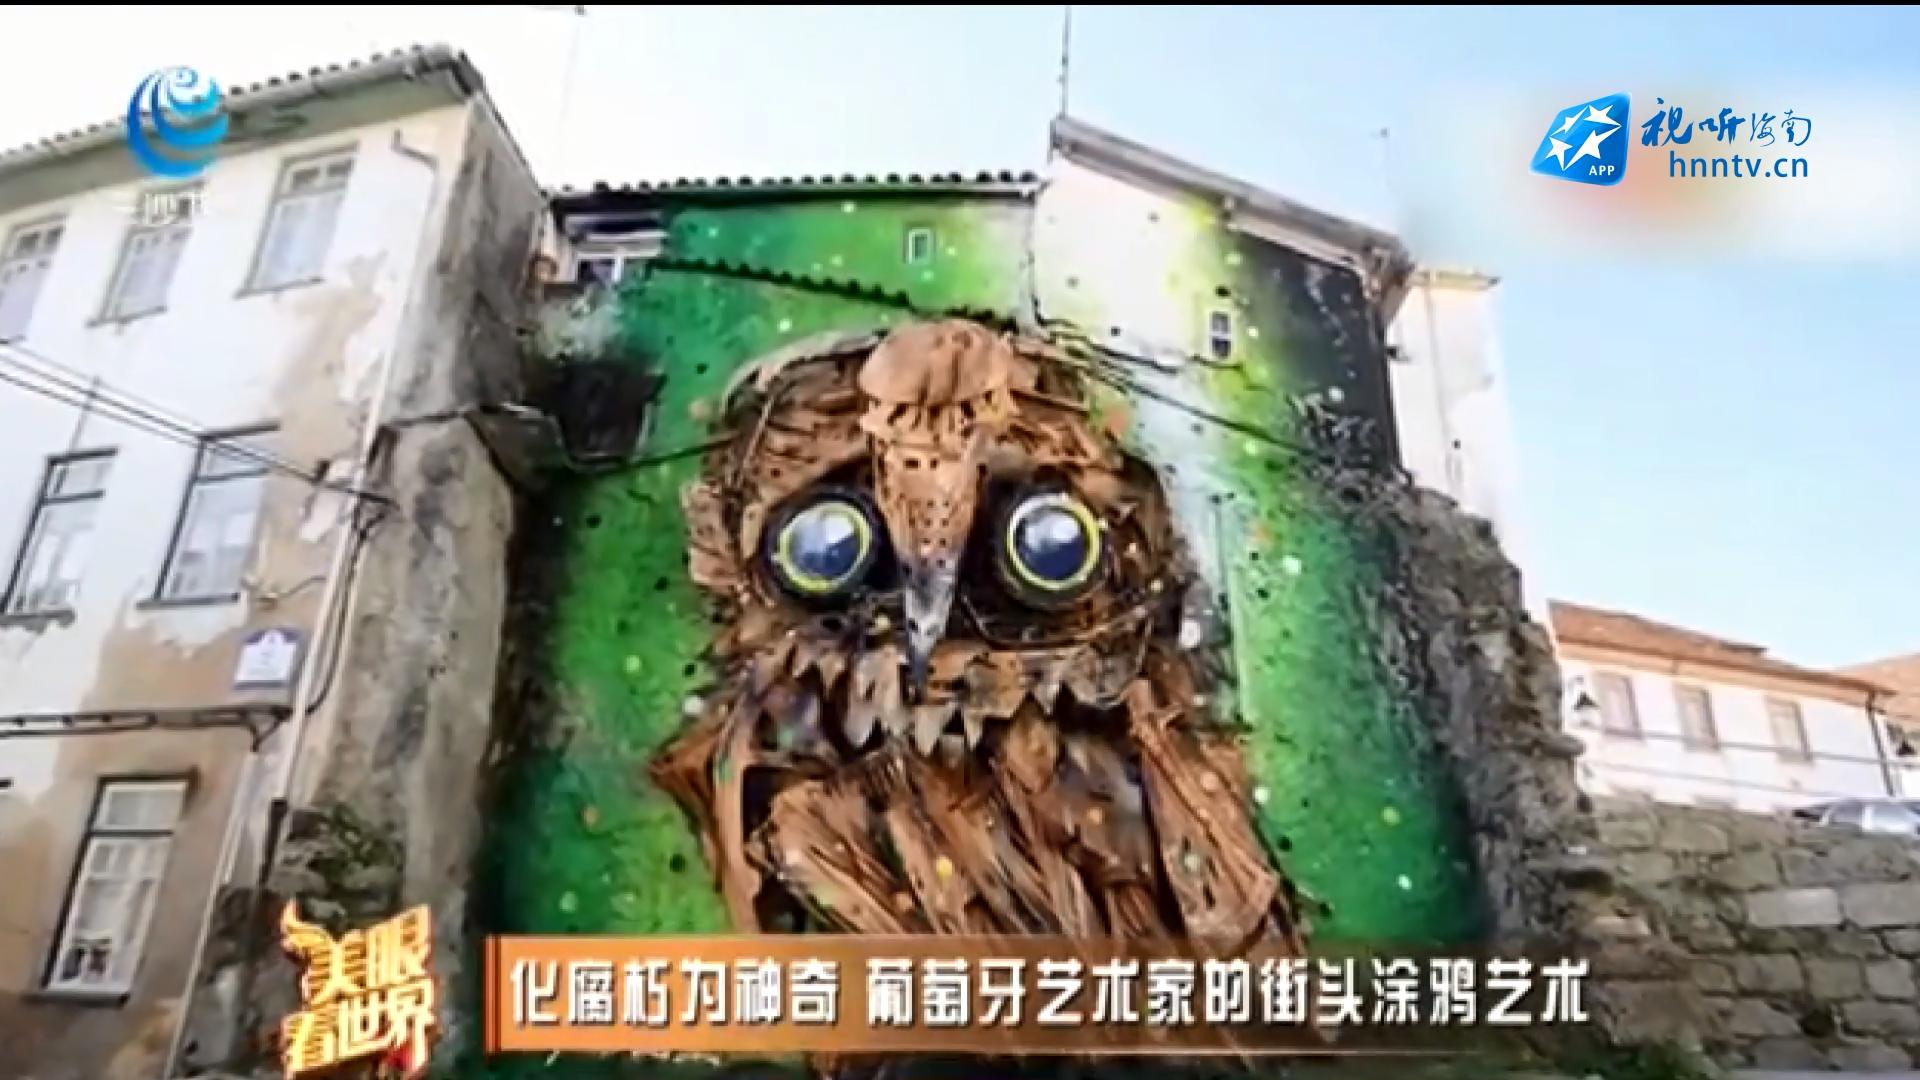 化腐朽為神奇 葡萄牙藝術家的街頭涂鴉藝術